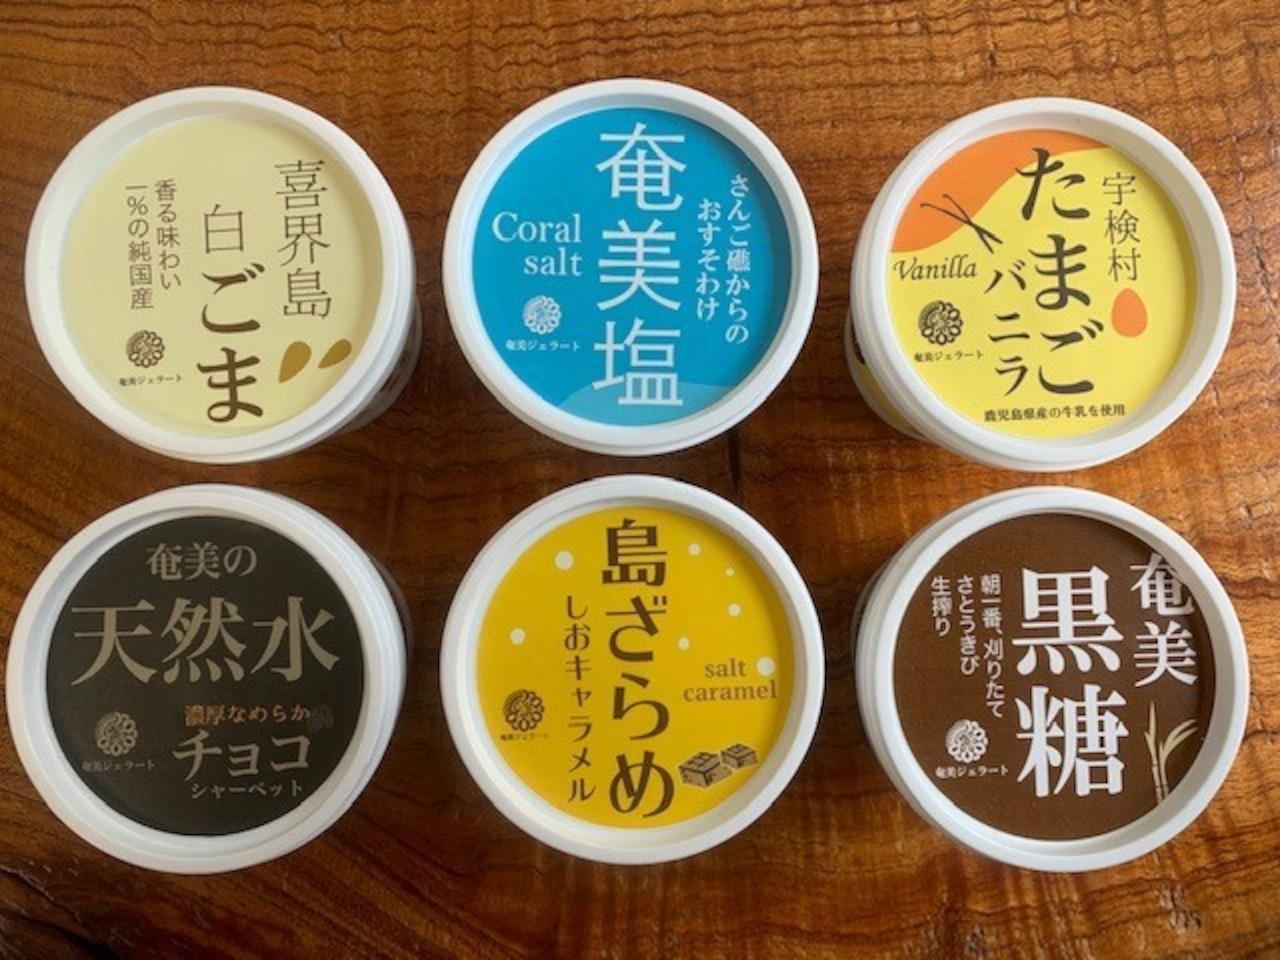 奄美ジェラートお試しセット(6個入)